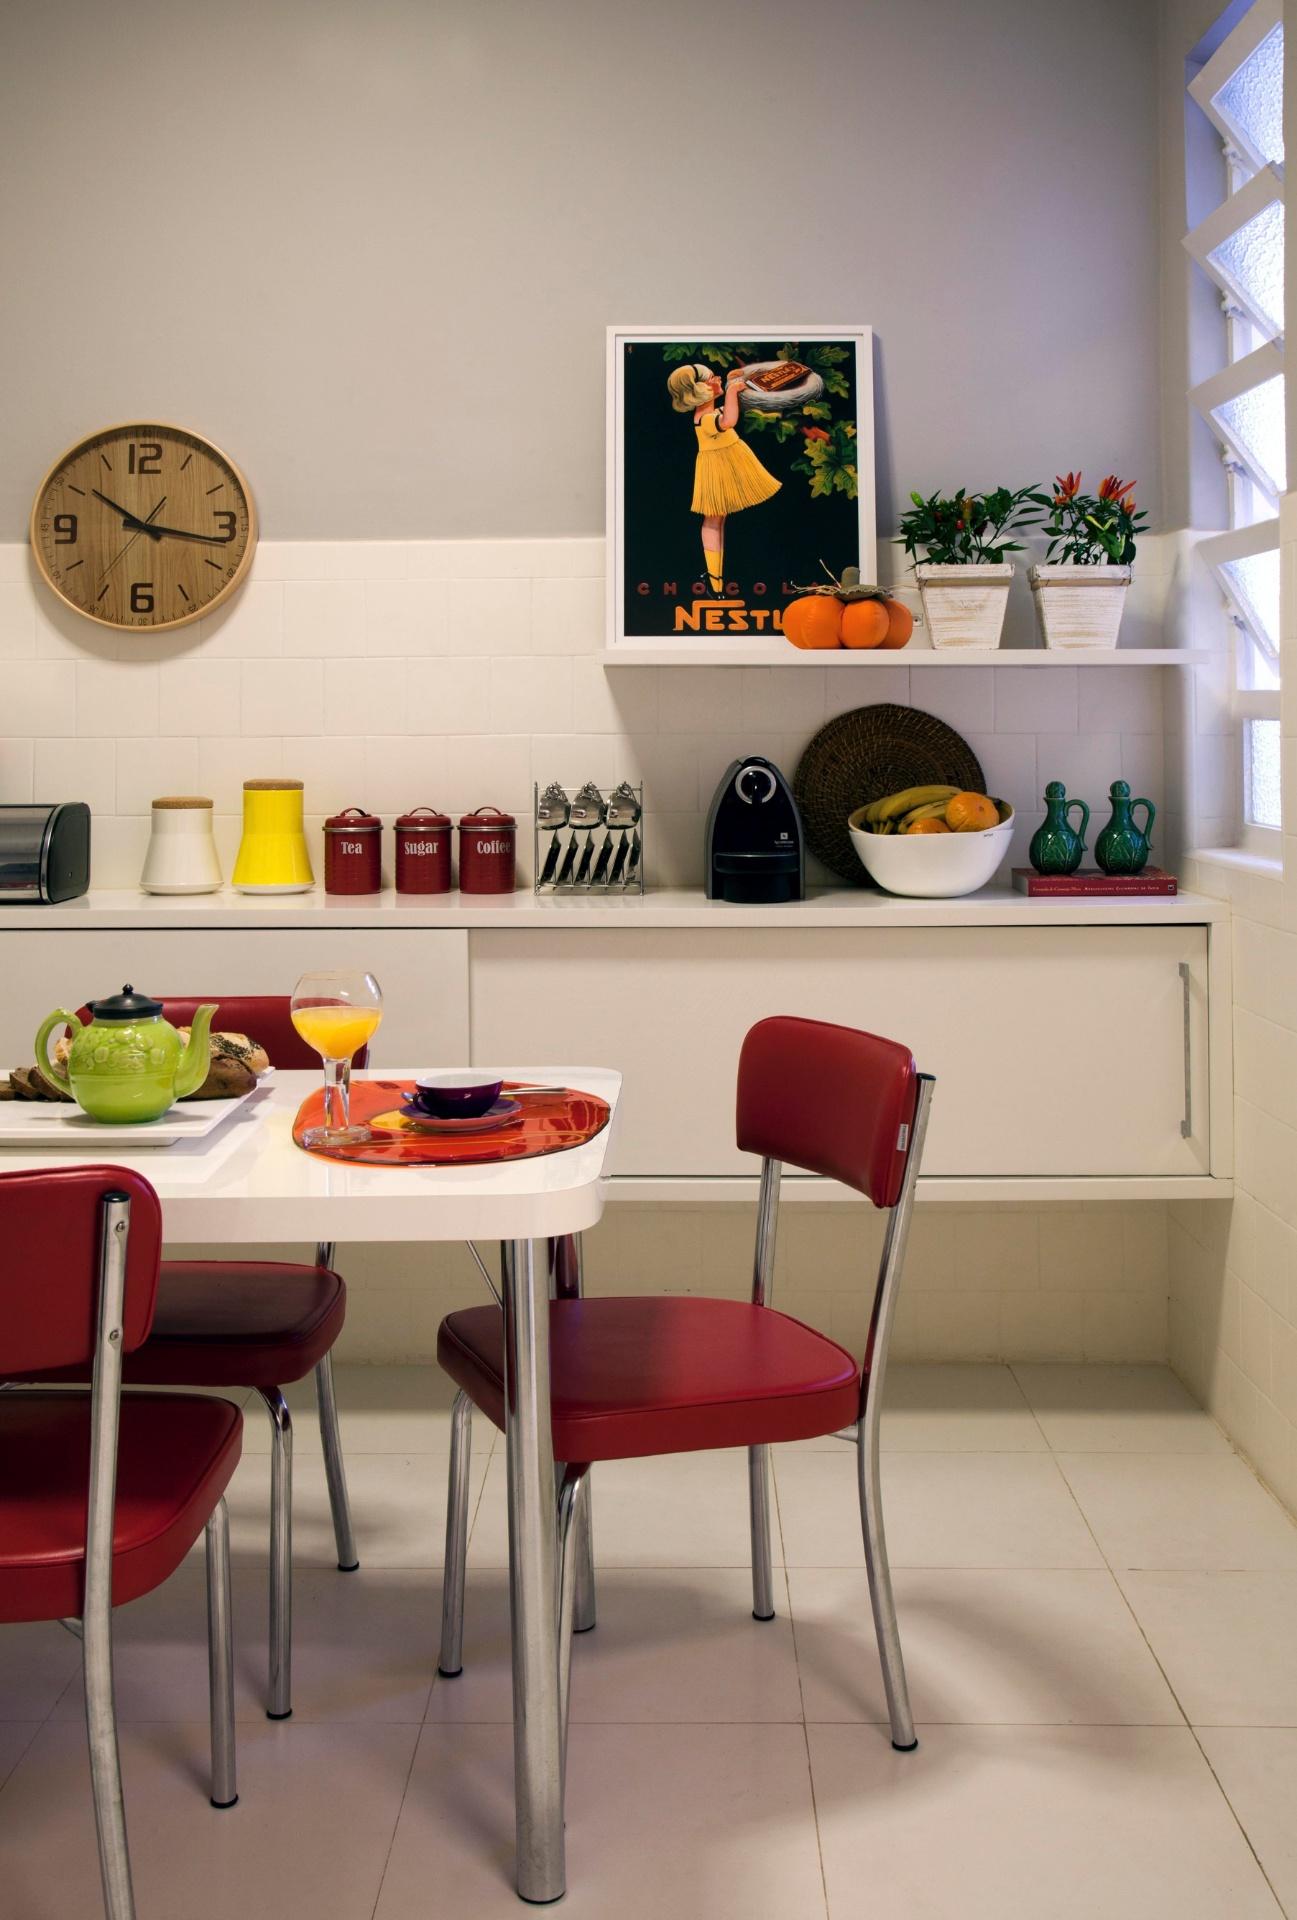 #B99B12  : ideias de decoração para salas banheiros e cozinhas pequenas 1297x1920 px Cozinha Decoração Idéias Casa_435 Imagens